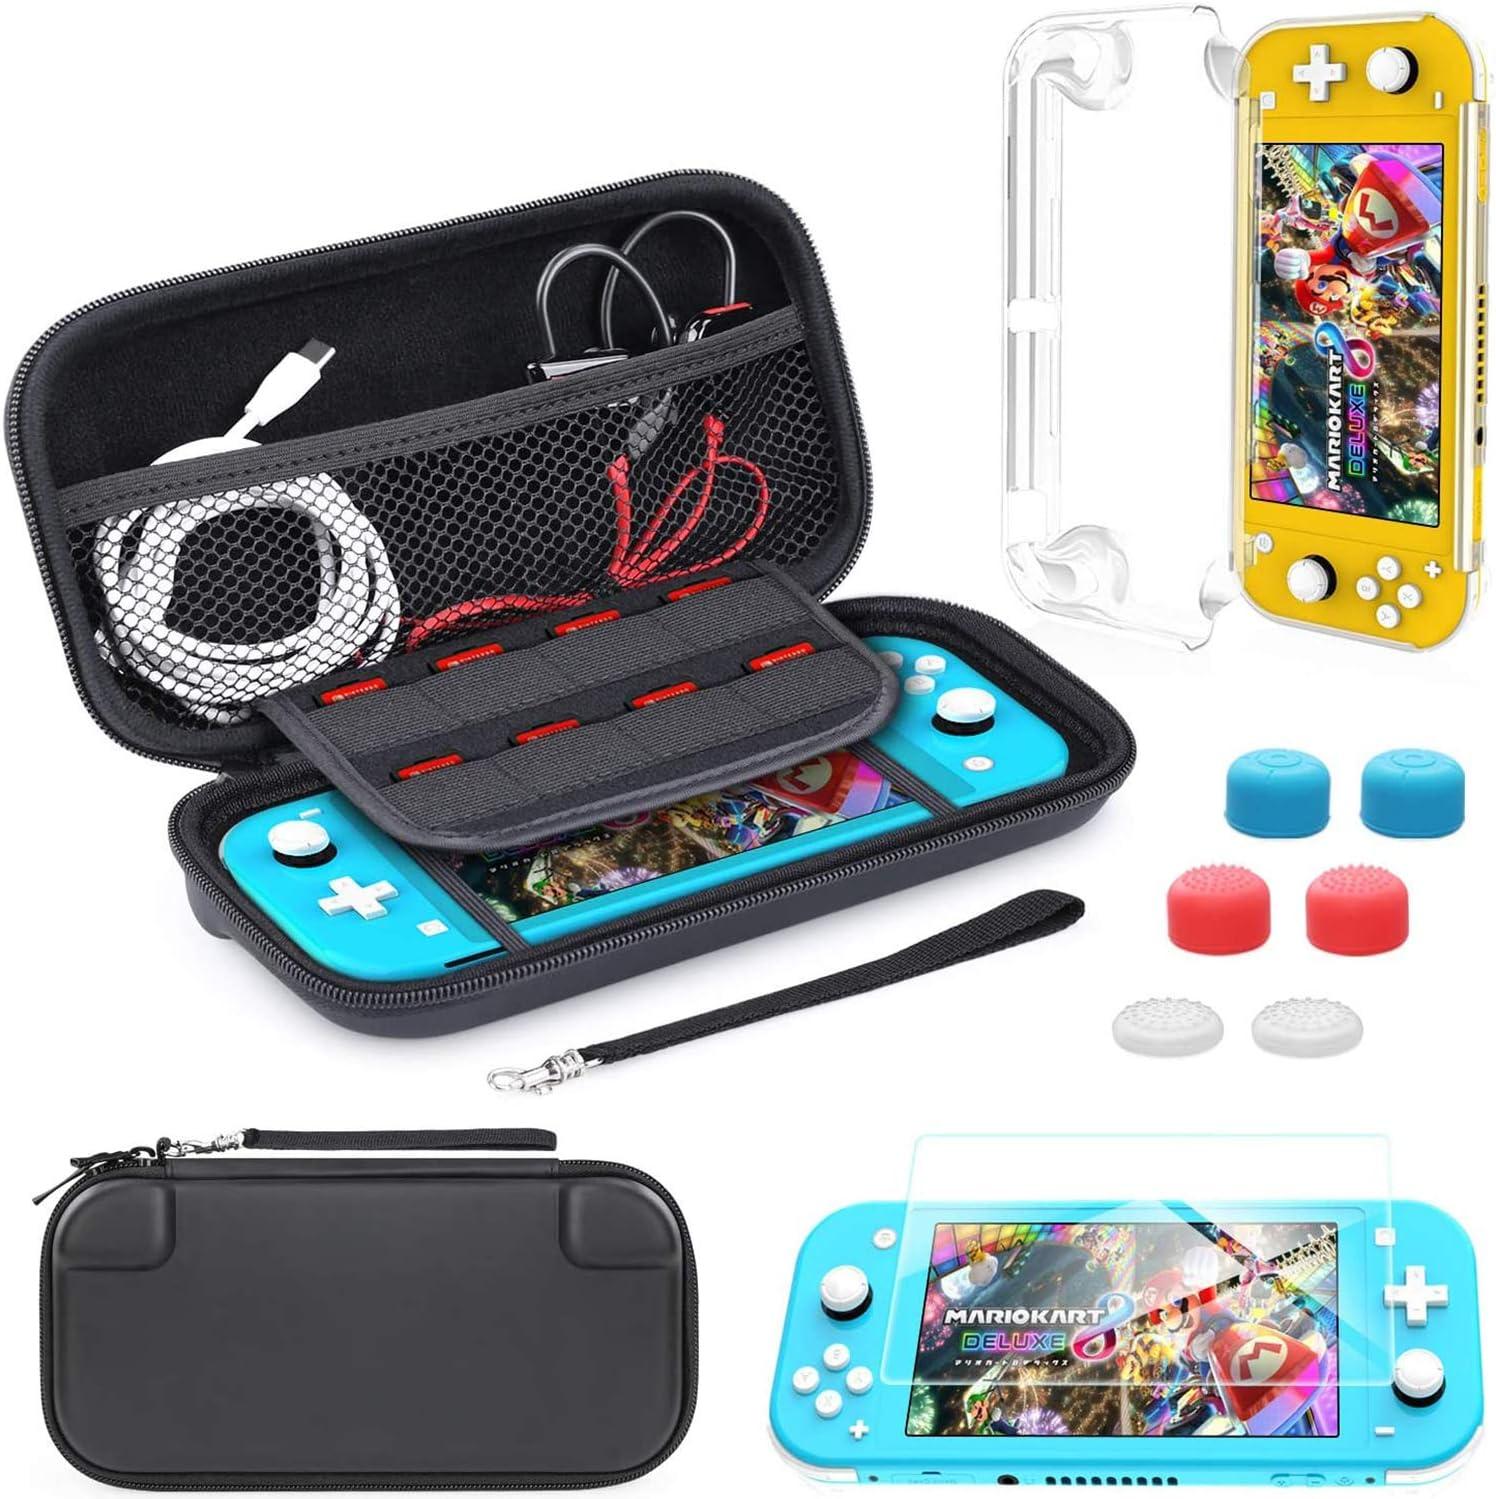 HEYSTOP Estuche de Transporte Compatible con Nintendo Switch Lite, Estuche Switch Lite + Protector de Pantalla + Tarjeta de Juegos + 6 Tapas de Agarre para el Pulgar: Amazon.es: Electrónica